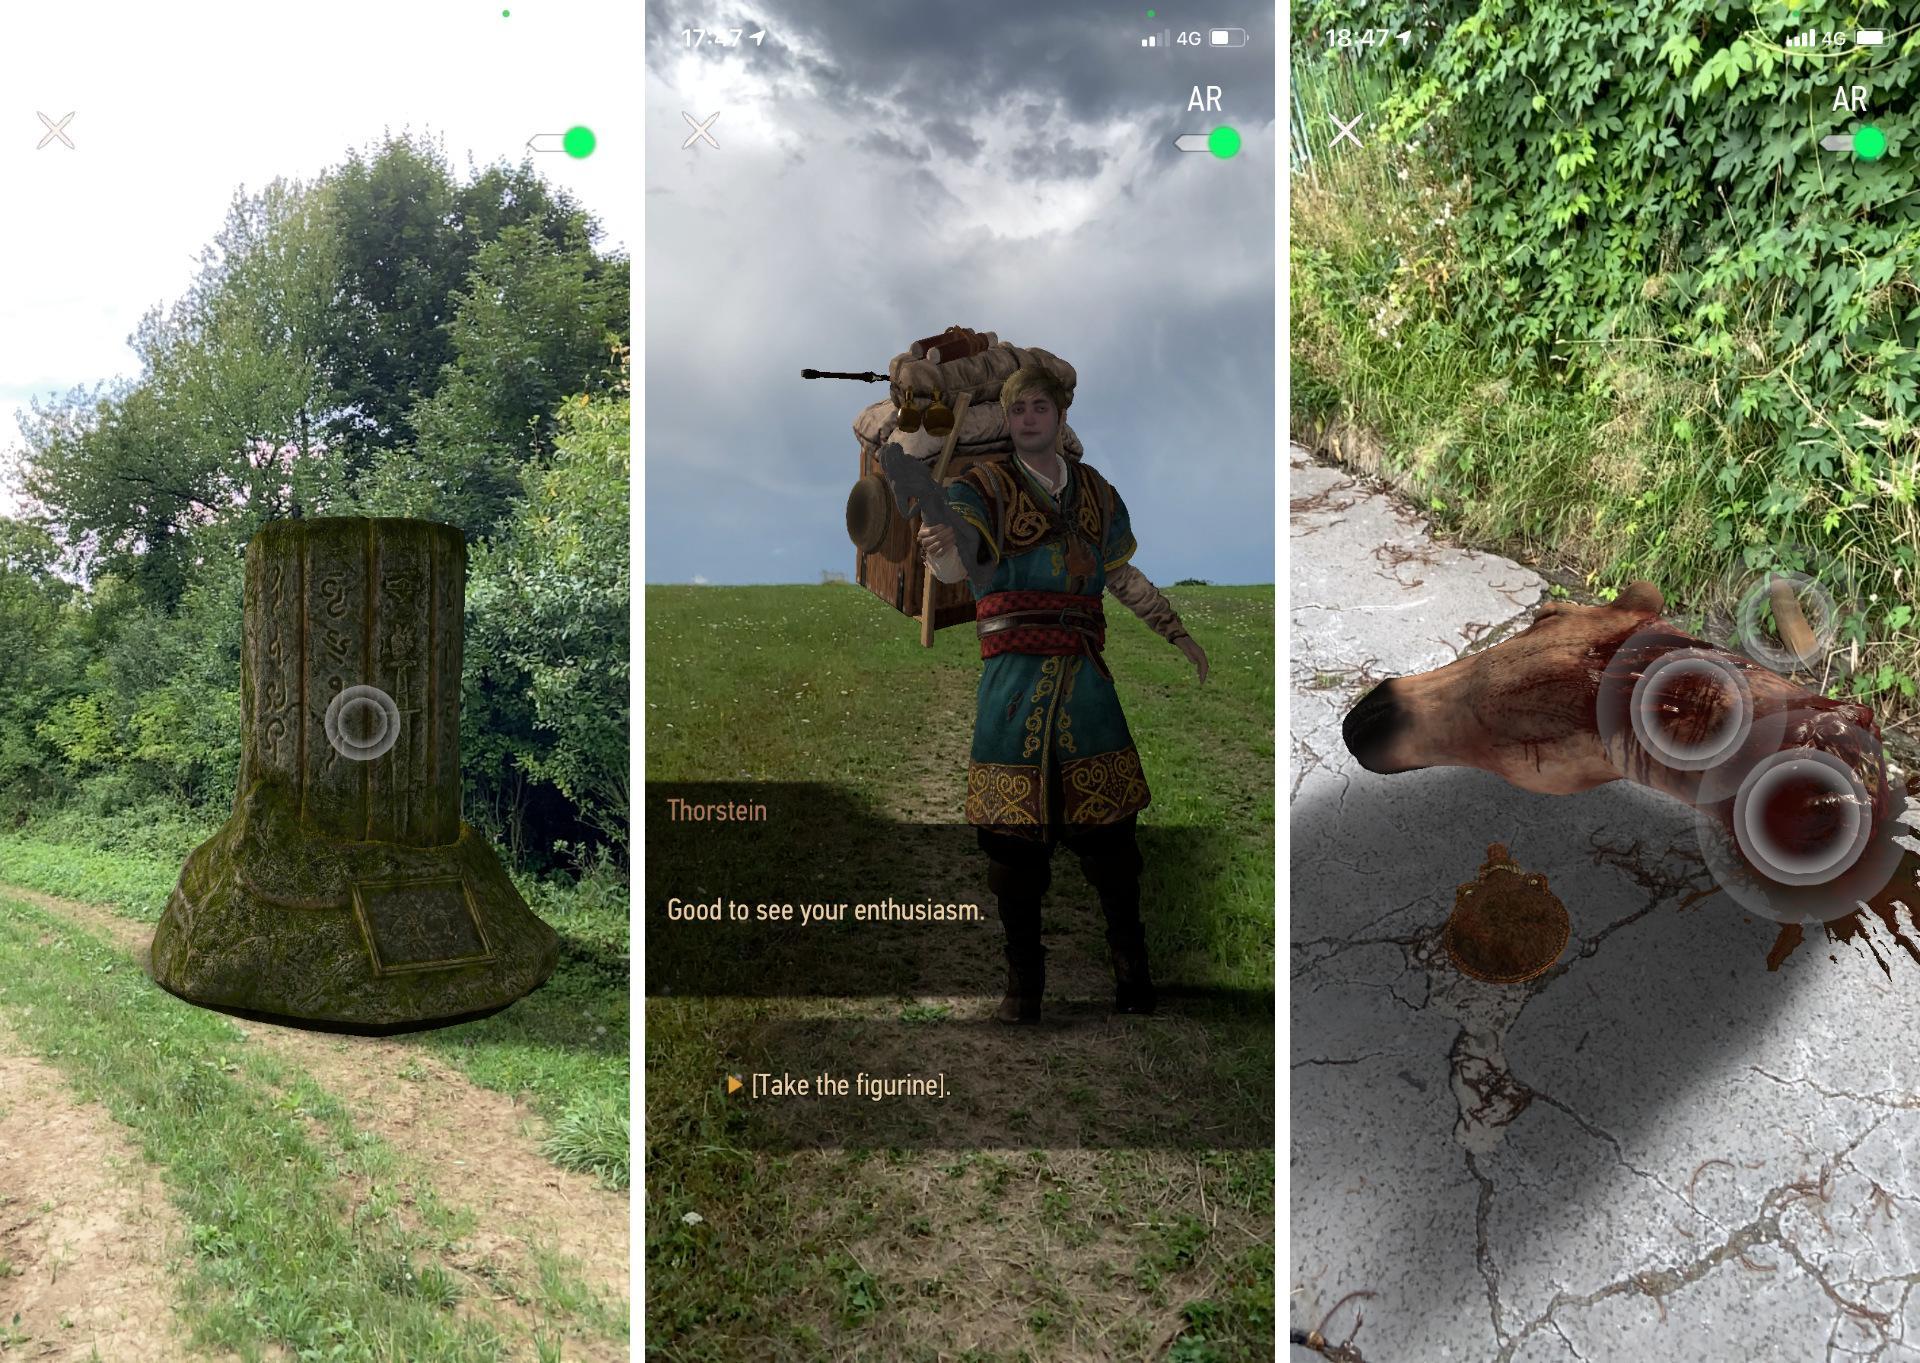 Rozšírená realita zhmotní herné objekty či postavy v reálnom svete. Áno, aj také veci, ako je konská hlava.